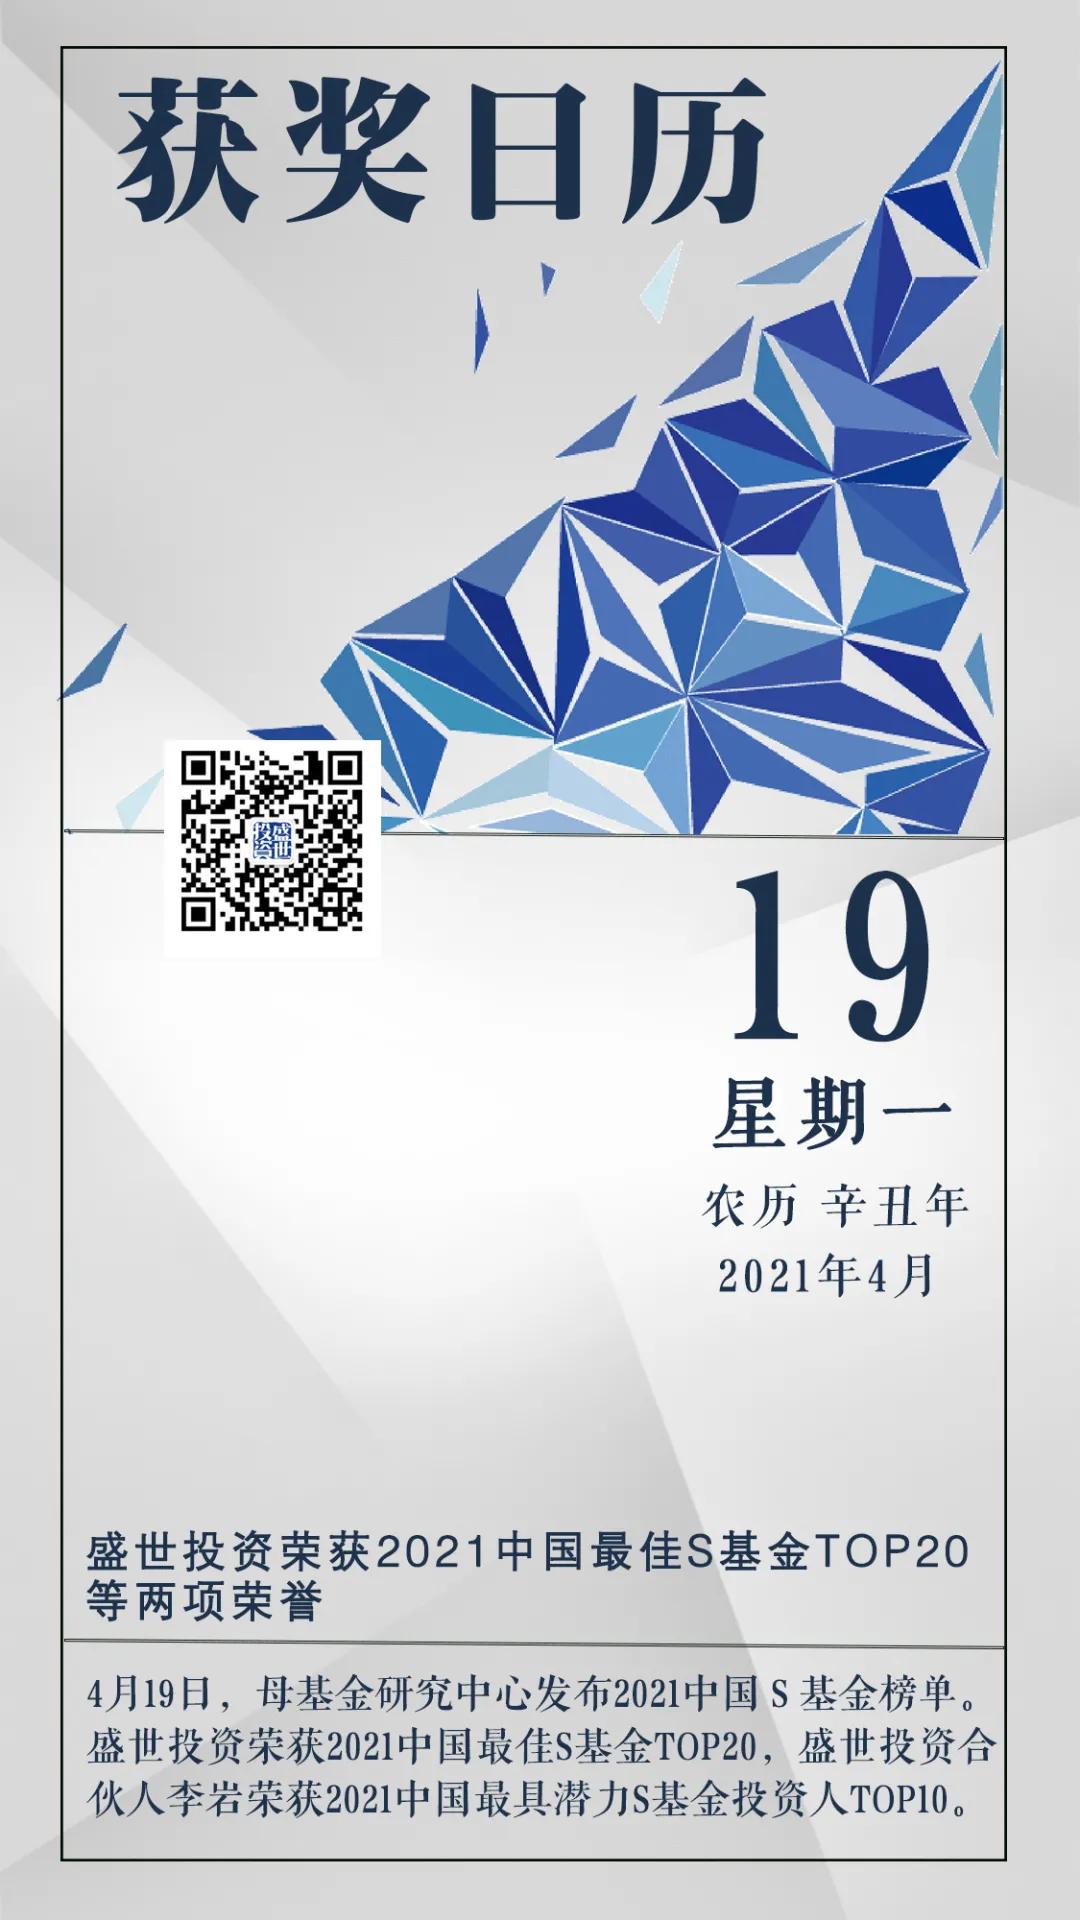 盛世投资荣获2021中国最佳S基金TOP20等两项荣誉